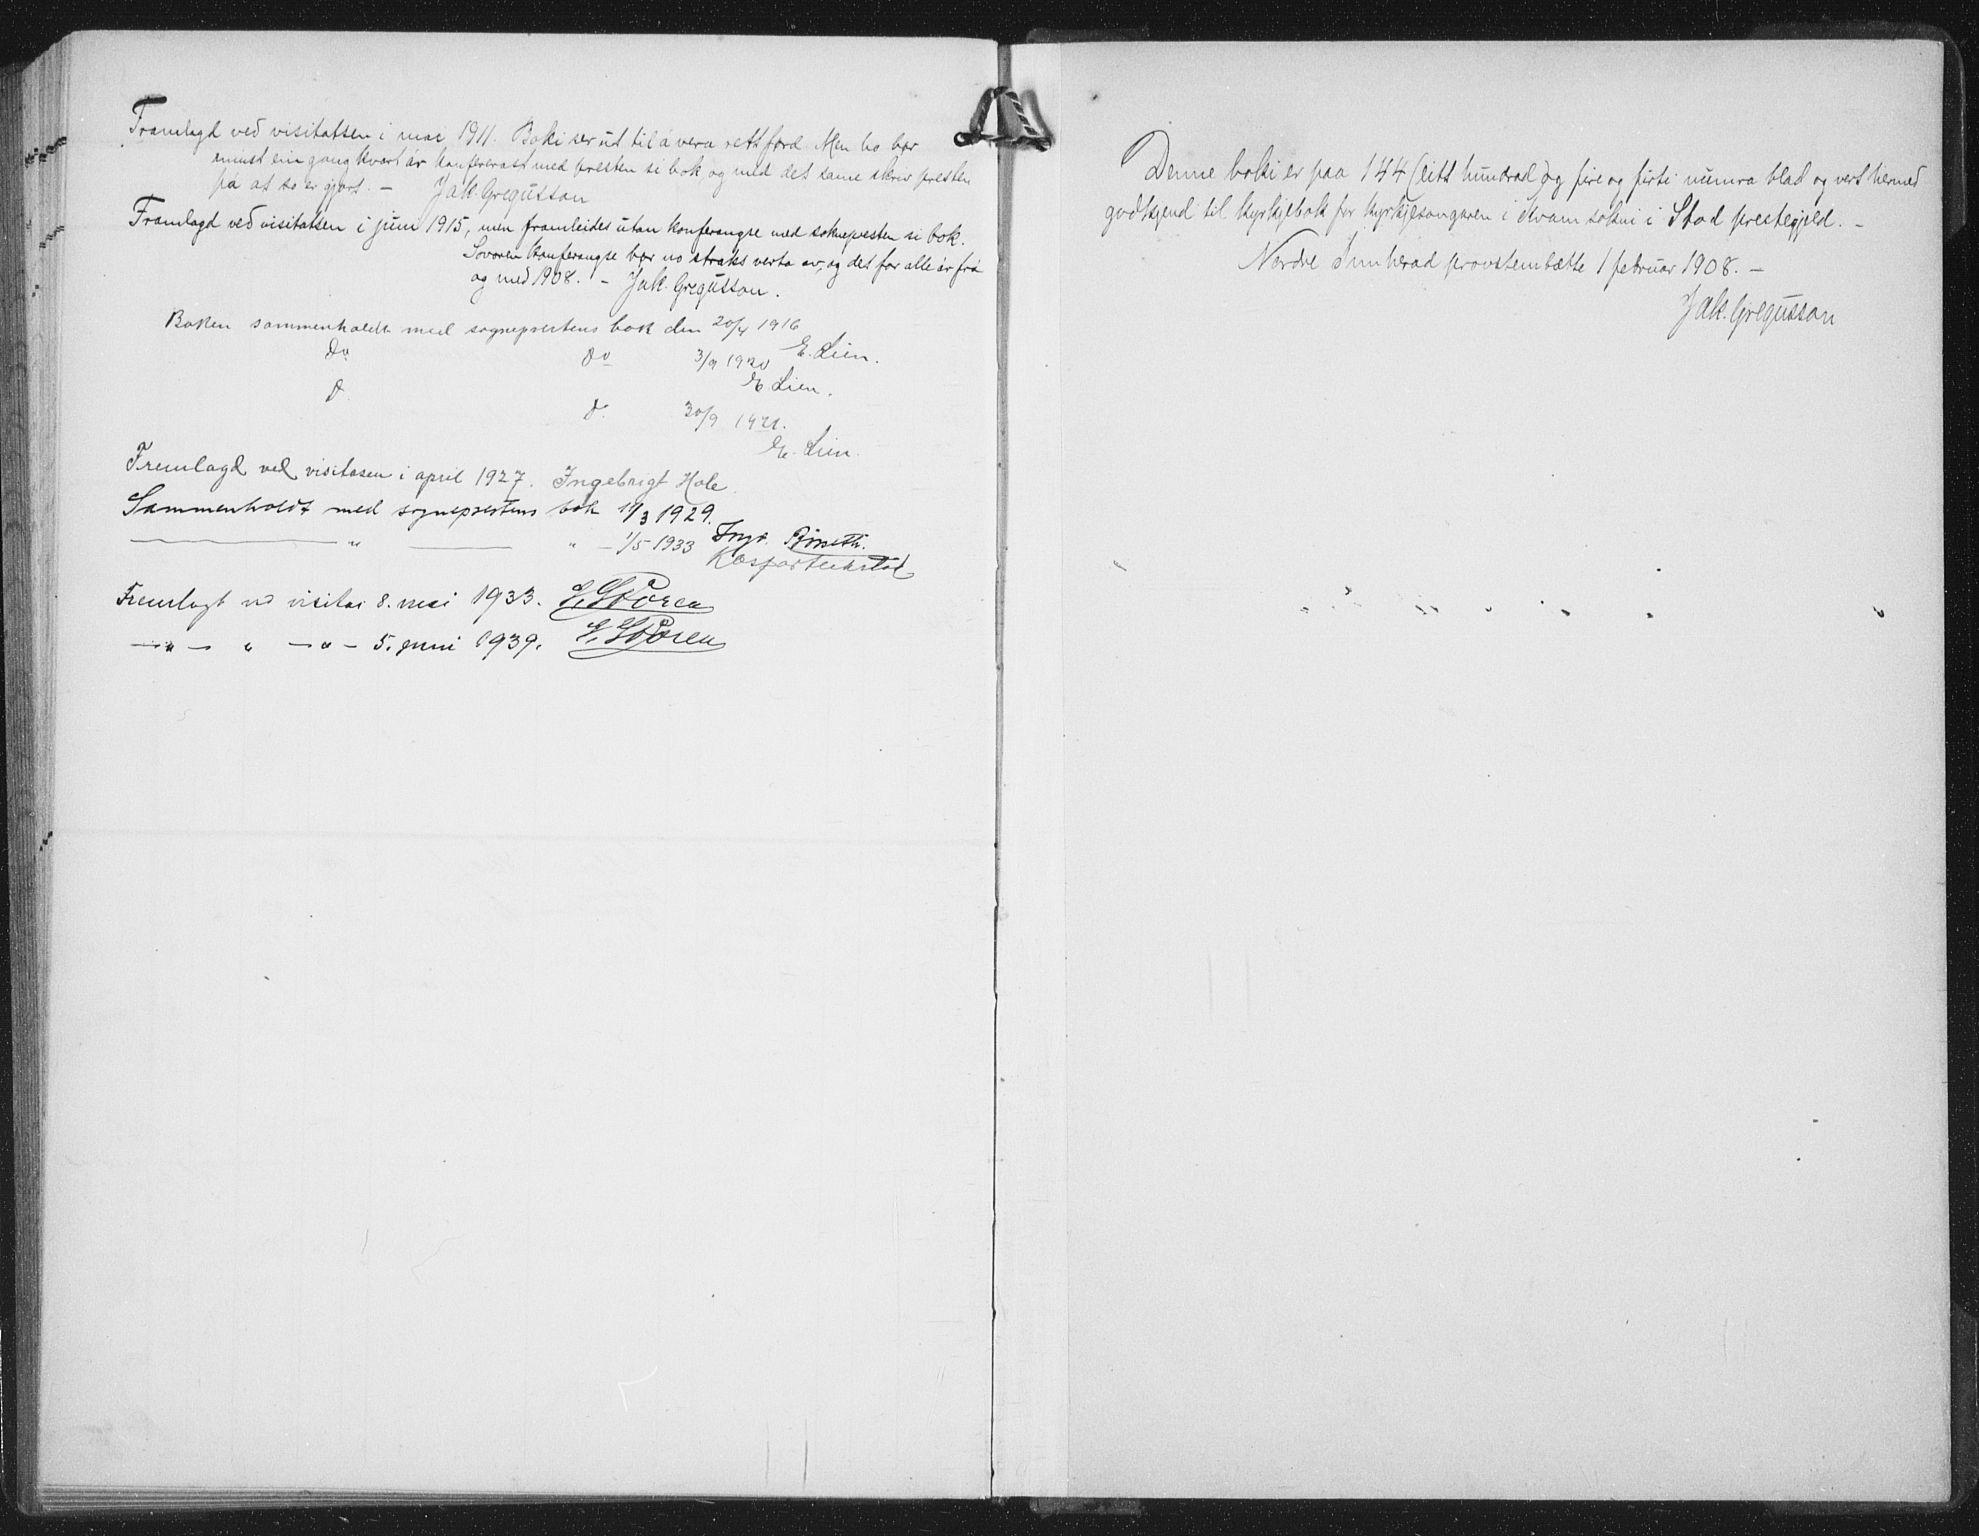 SAT, Ministerialprotokoller, klokkerbøker og fødselsregistre - Nord-Trøndelag, 747/L0460: Klokkerbok nr. 747C02, 1908-1939